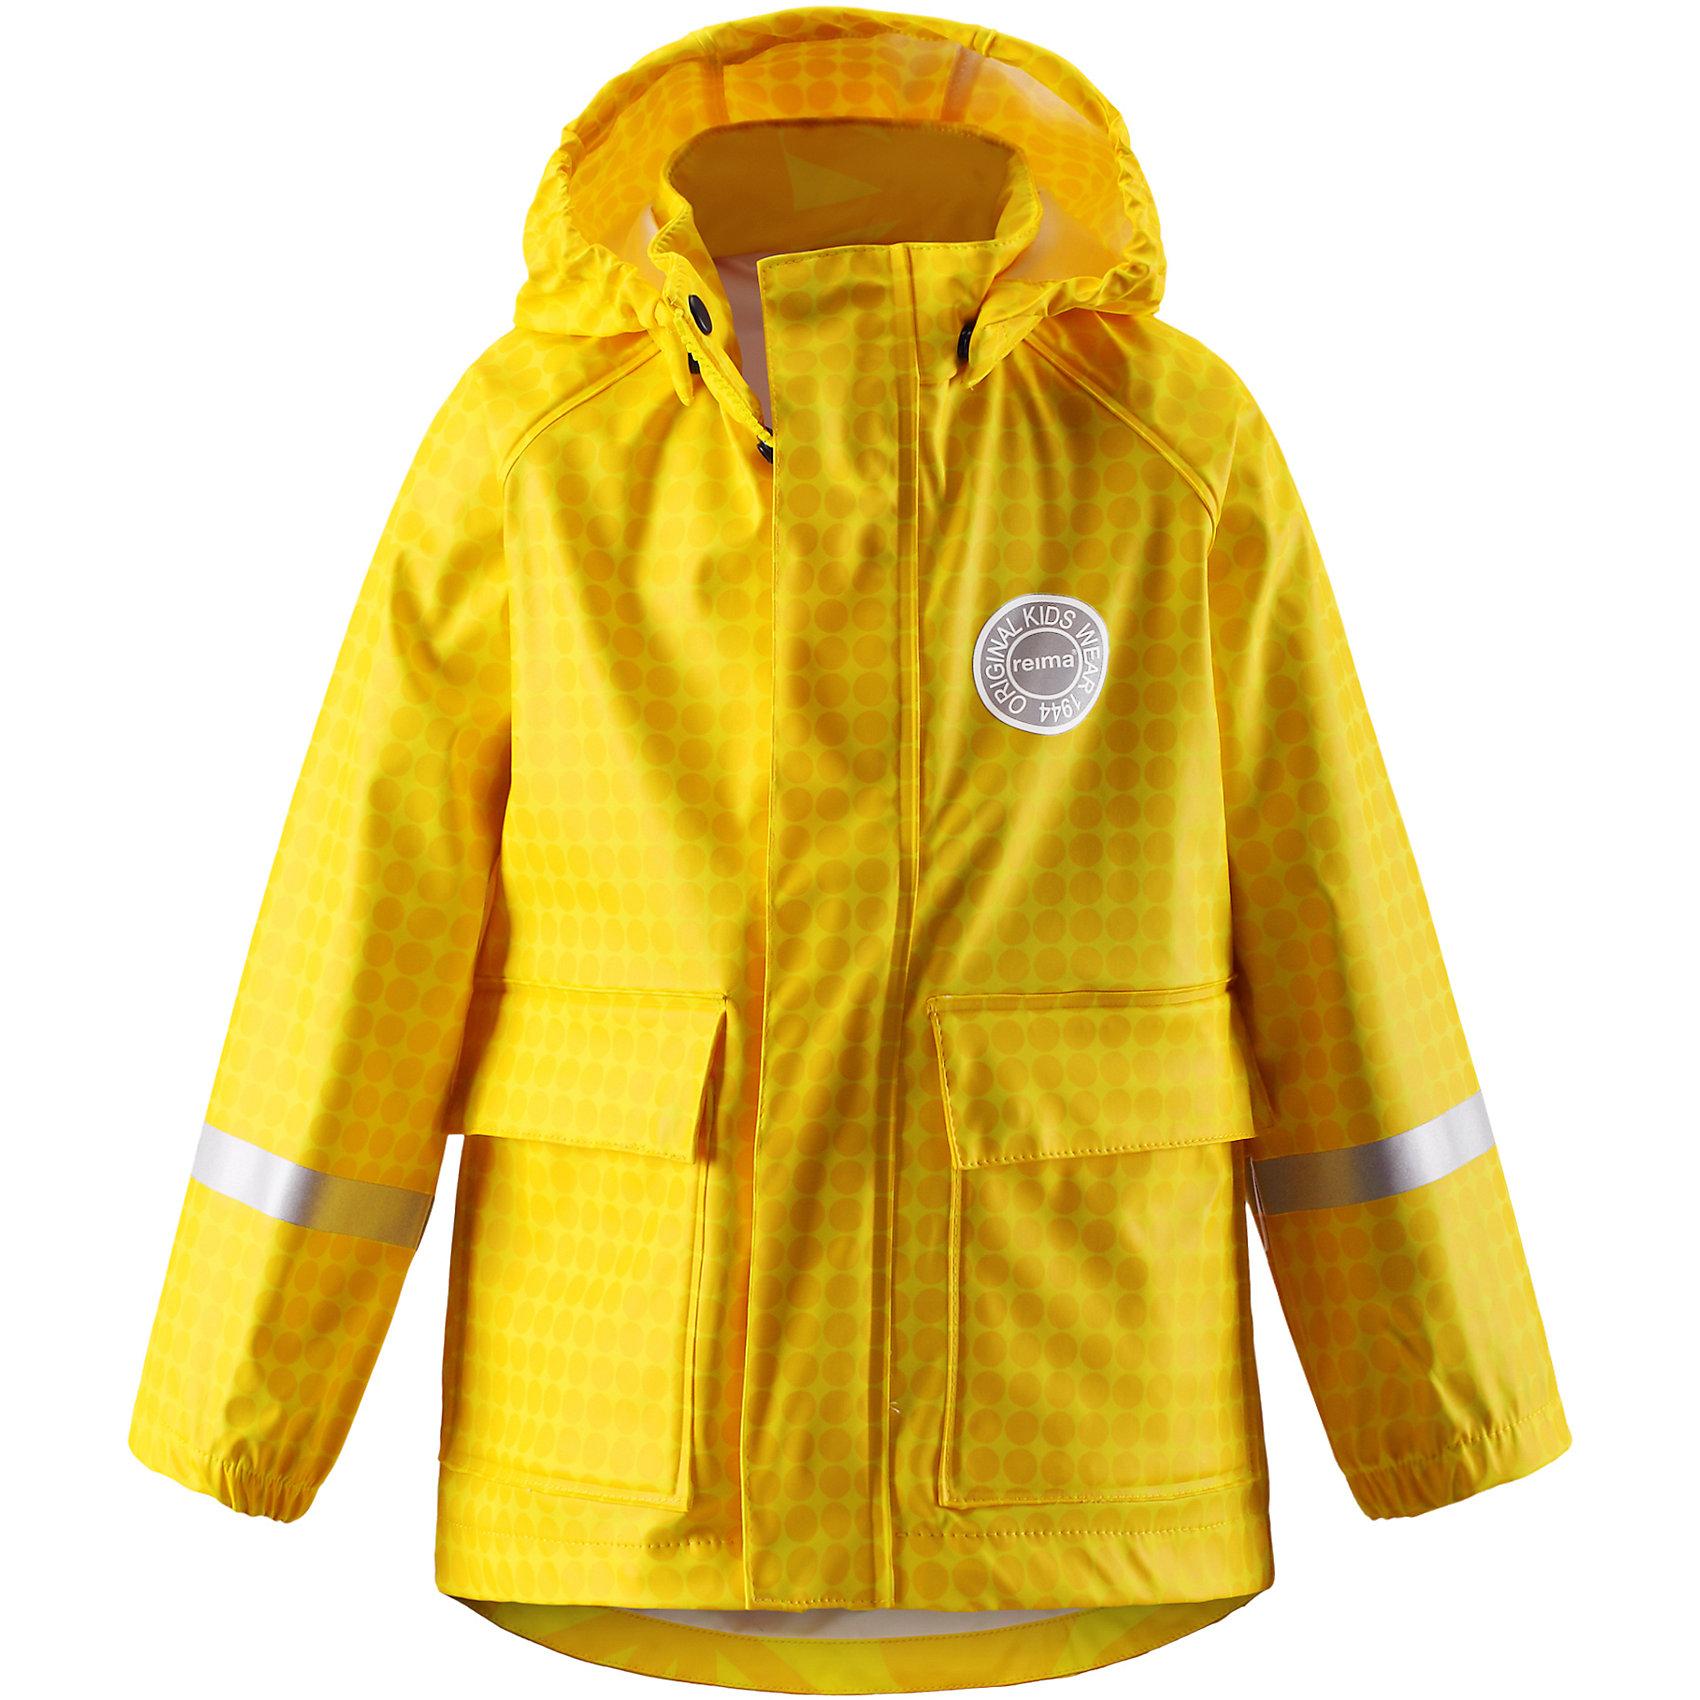 Плащ-дождевик Vihma ReimaОдежда<br>Плащ-дождевик  Reima<br>Куртка-дождевик для детей. Запаянные швы, не пропускающие влагу. Эластичный материал. Без ПХВМожет пристегиваться к слоям Reima® кнопками Play Layers®. Безопасный, съемный капюшон. Эластичные манжеты. Молния спереди. Два прорезных кармана. Принт по всей поверхности. Безопасные светоотражающие детали. Отличный вариант для дождливой погоды.<br>Уход:<br>Стирать по отдельности, вывернув наизнанку. Застегнуть молнии и липучки. Стирать моющим средством, не содержащим отбеливающие вещества. Полоскать без специального средства. Во избежание изменения цвета изделие необходимо вынуть из стиральной машинки незамедлительно после окончания программы стирки. Сушить при низкой температуре.<br>Состав:<br>100% Полиамид, полиуретановое покрытие<br><br>Ширина мм: 356<br>Глубина мм: 10<br>Высота мм: 245<br>Вес г: 519<br>Цвет: желтый<br>Возраст от месяцев: 48<br>Возраст до месяцев: 60<br>Пол: Унисекс<br>Возраст: Детский<br>Размер: 110,116,140,128,134,122,104<br>SKU: 4776516